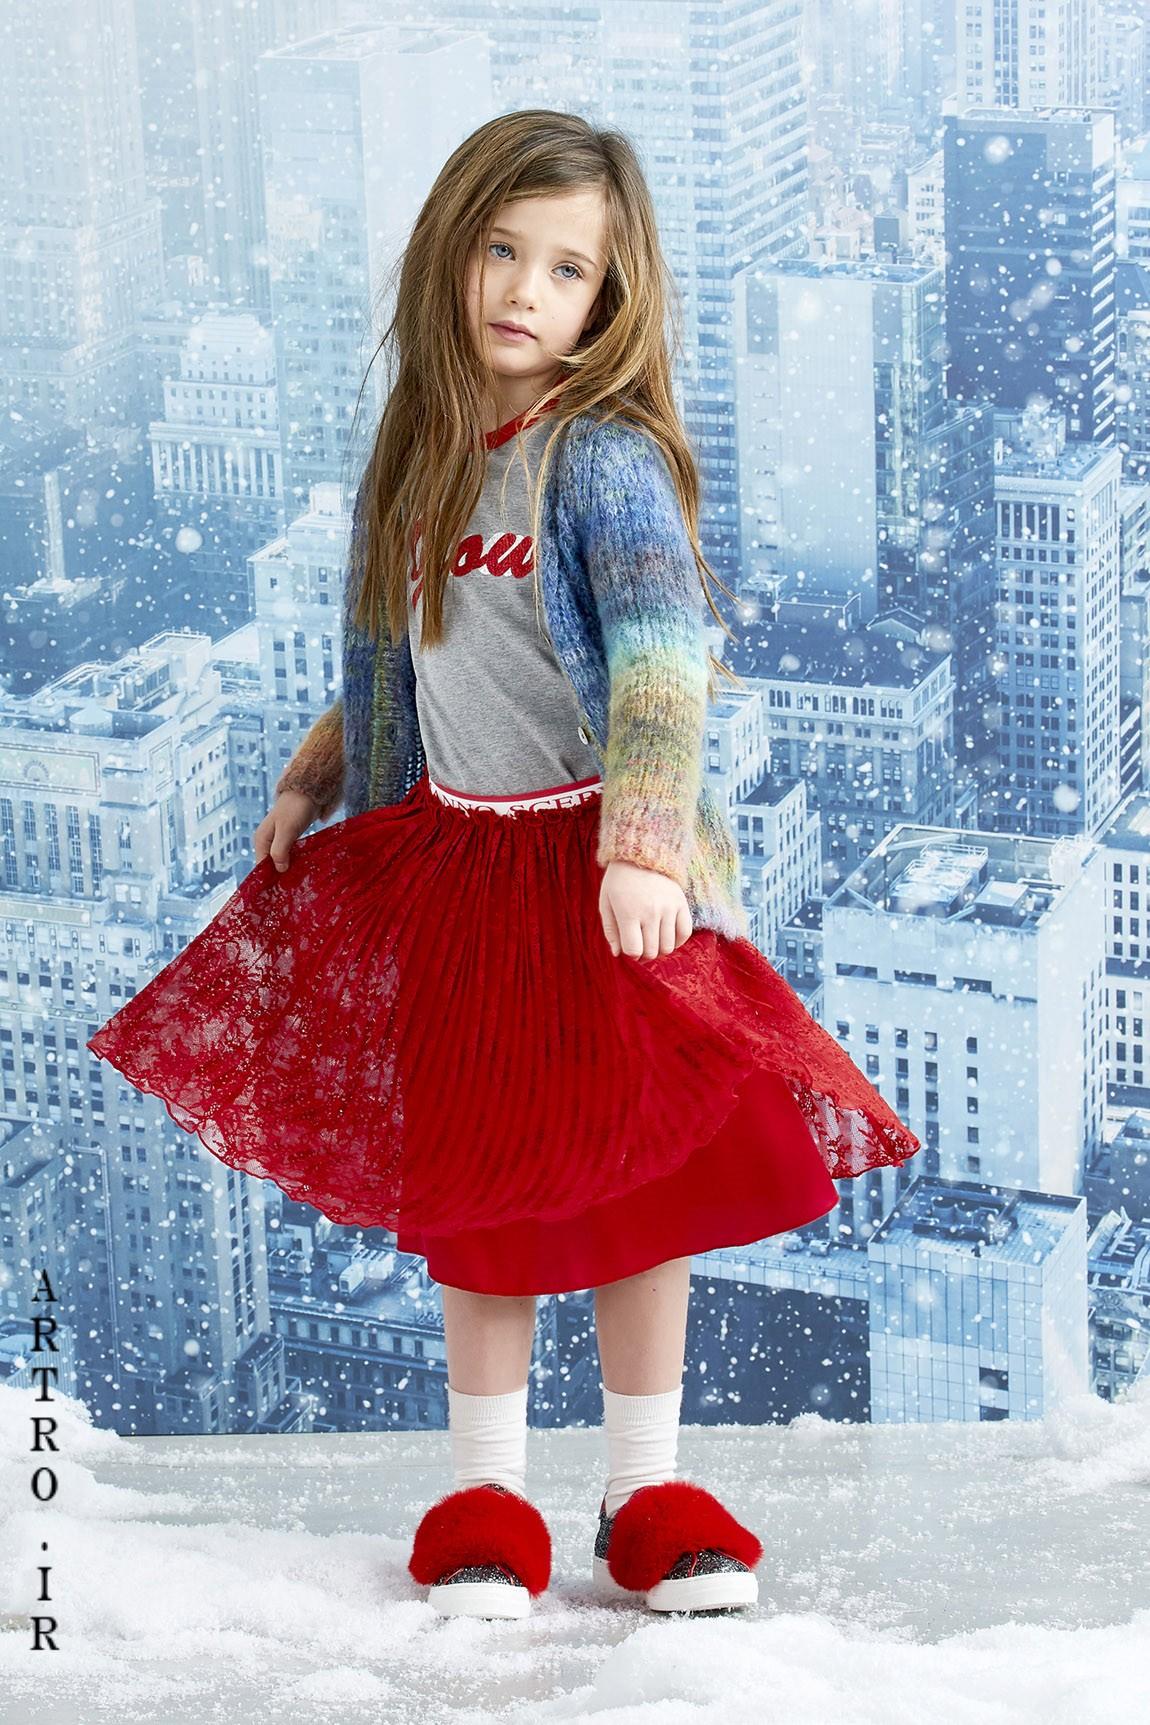 مدل بلوز دامن پاییزی دخترانه